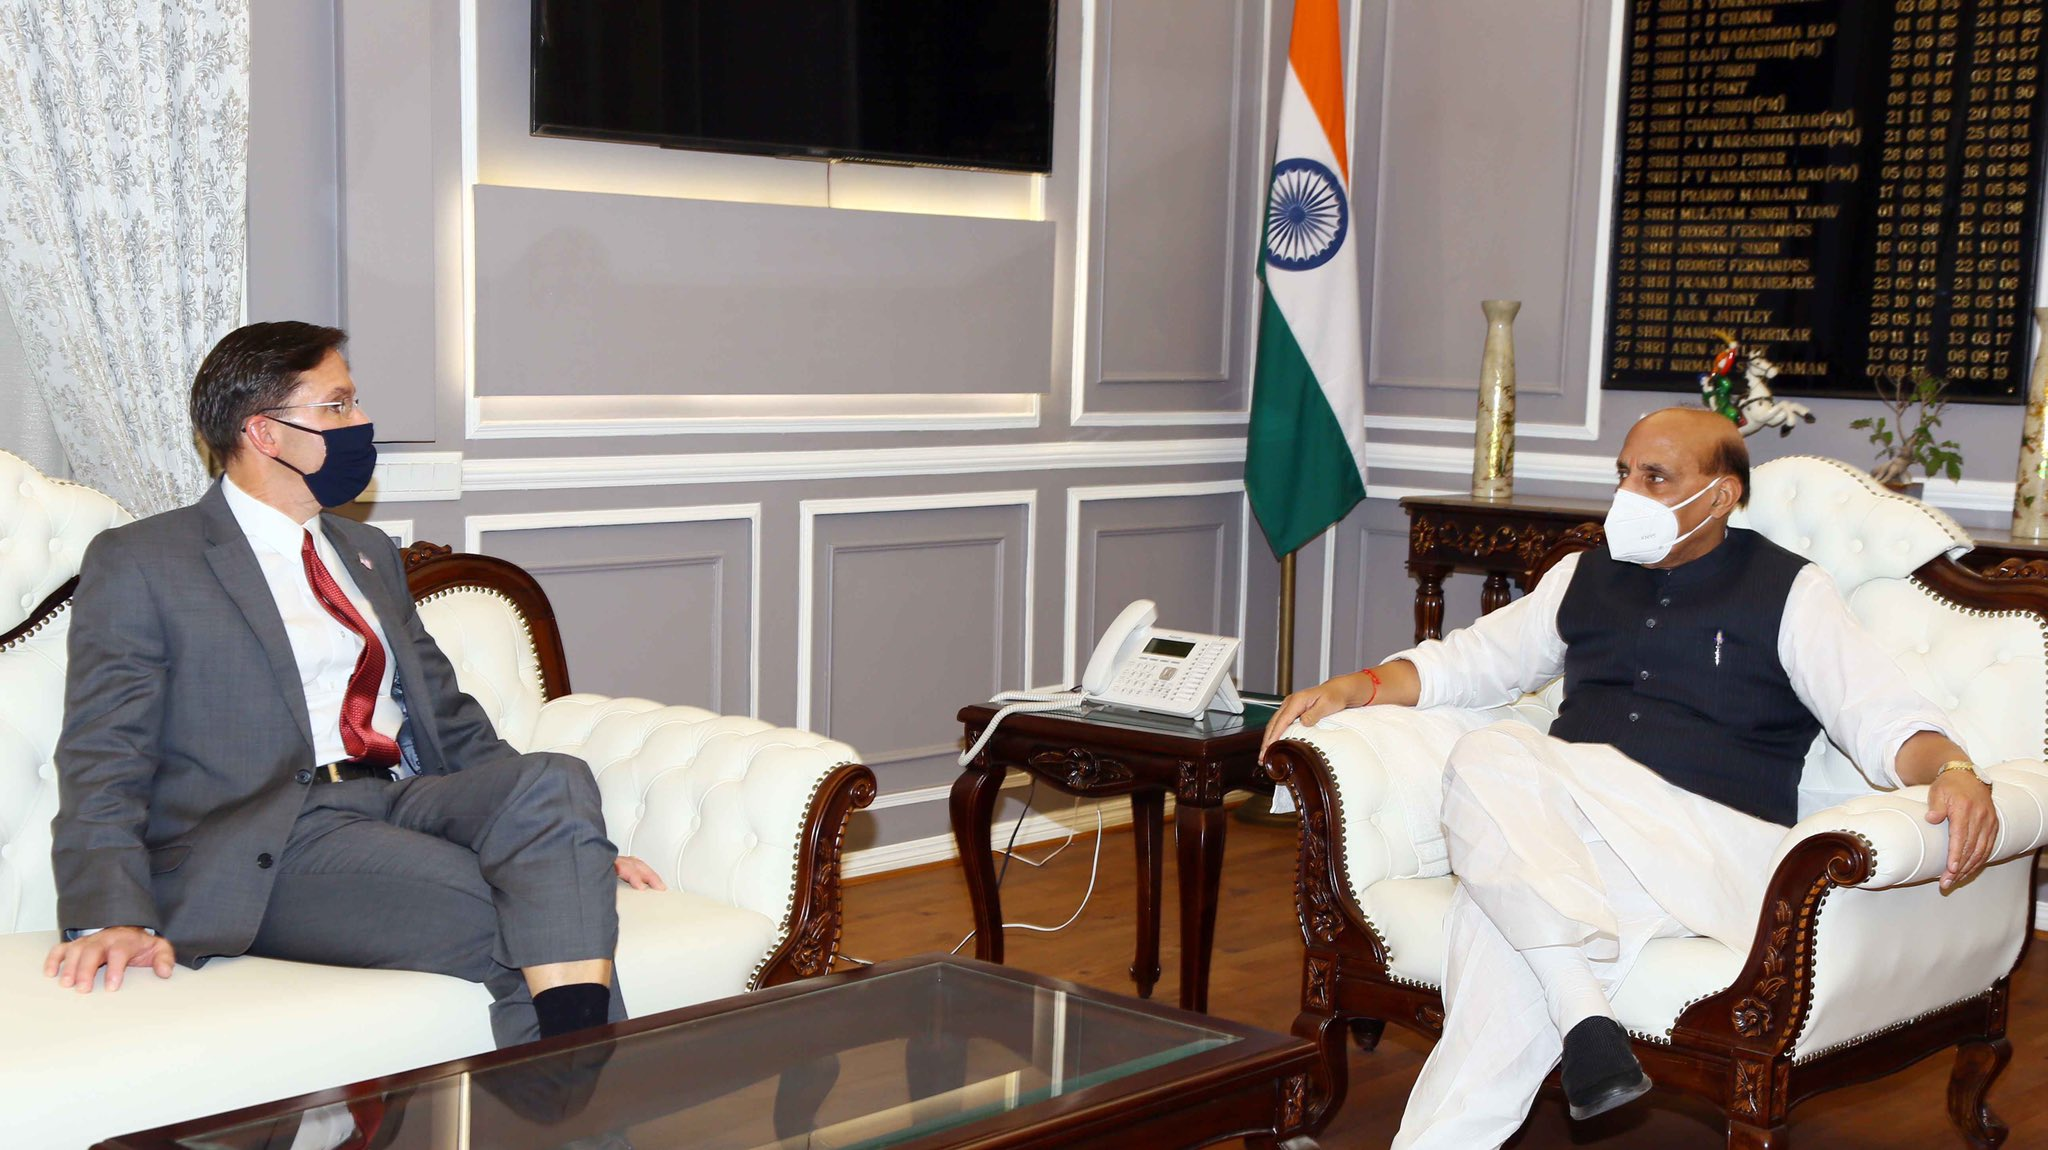 'टू प्लस टू वार्ता: भारत–अमेरिका के बीच सैन्य सहयोग बढ़ाने चर्चा, चीन की सैन्य आक्रामकता भी है मुख्य मुद्दा